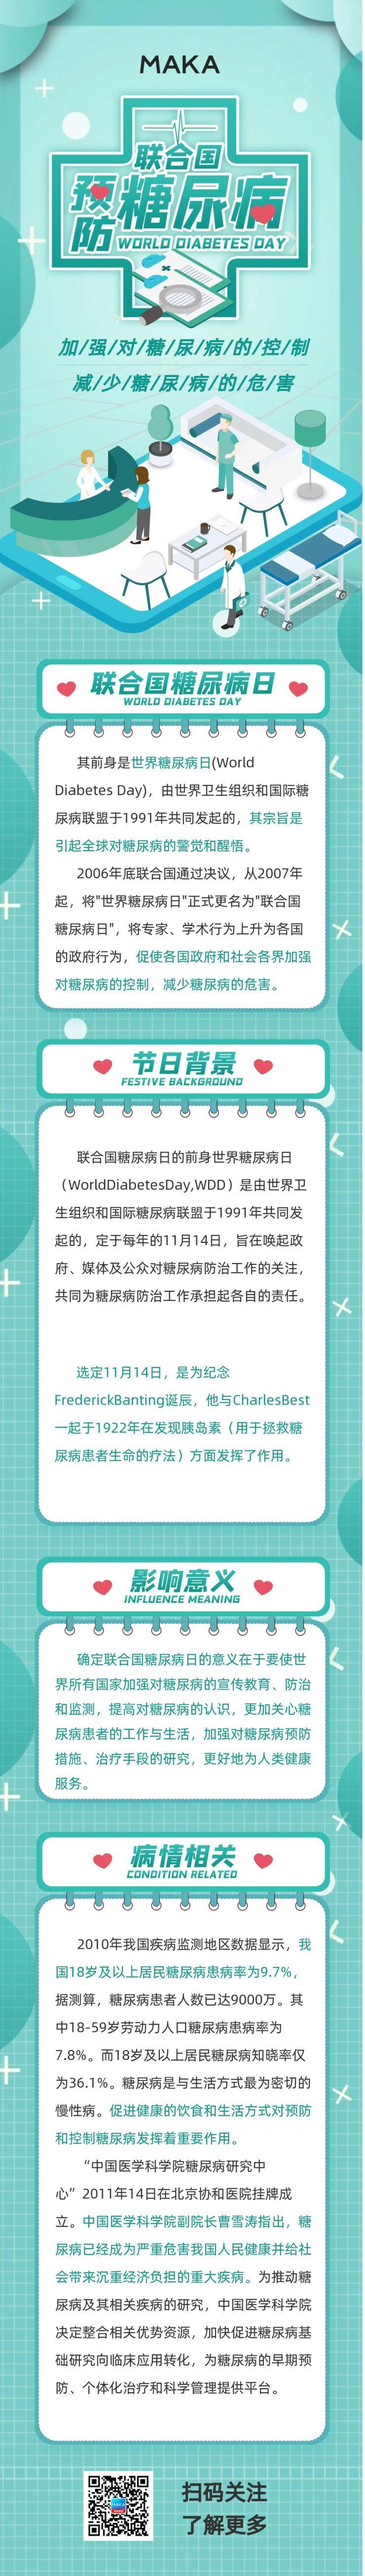 绿色扁平简约风格世界糖尿病日科普宣传长页